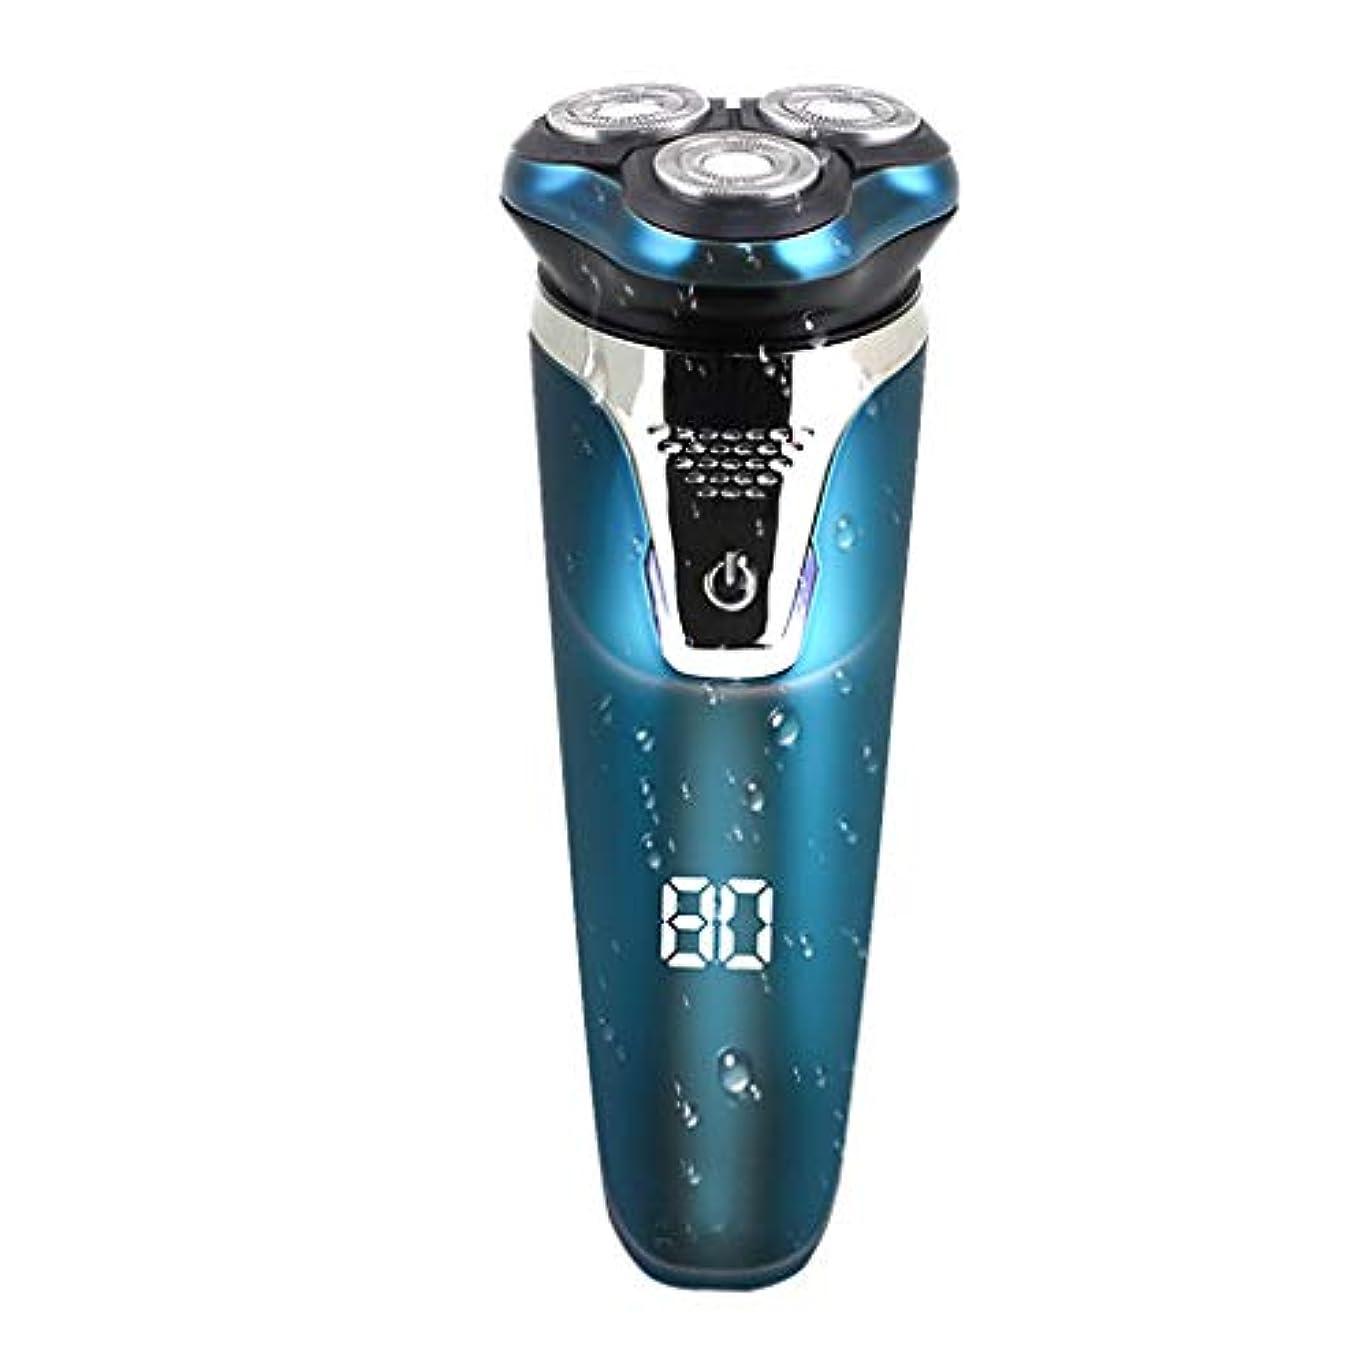 一口優勢に応じて電気かみそり、人の防水スマートなLED表示コードレストリマー/速い充満を満たすこと